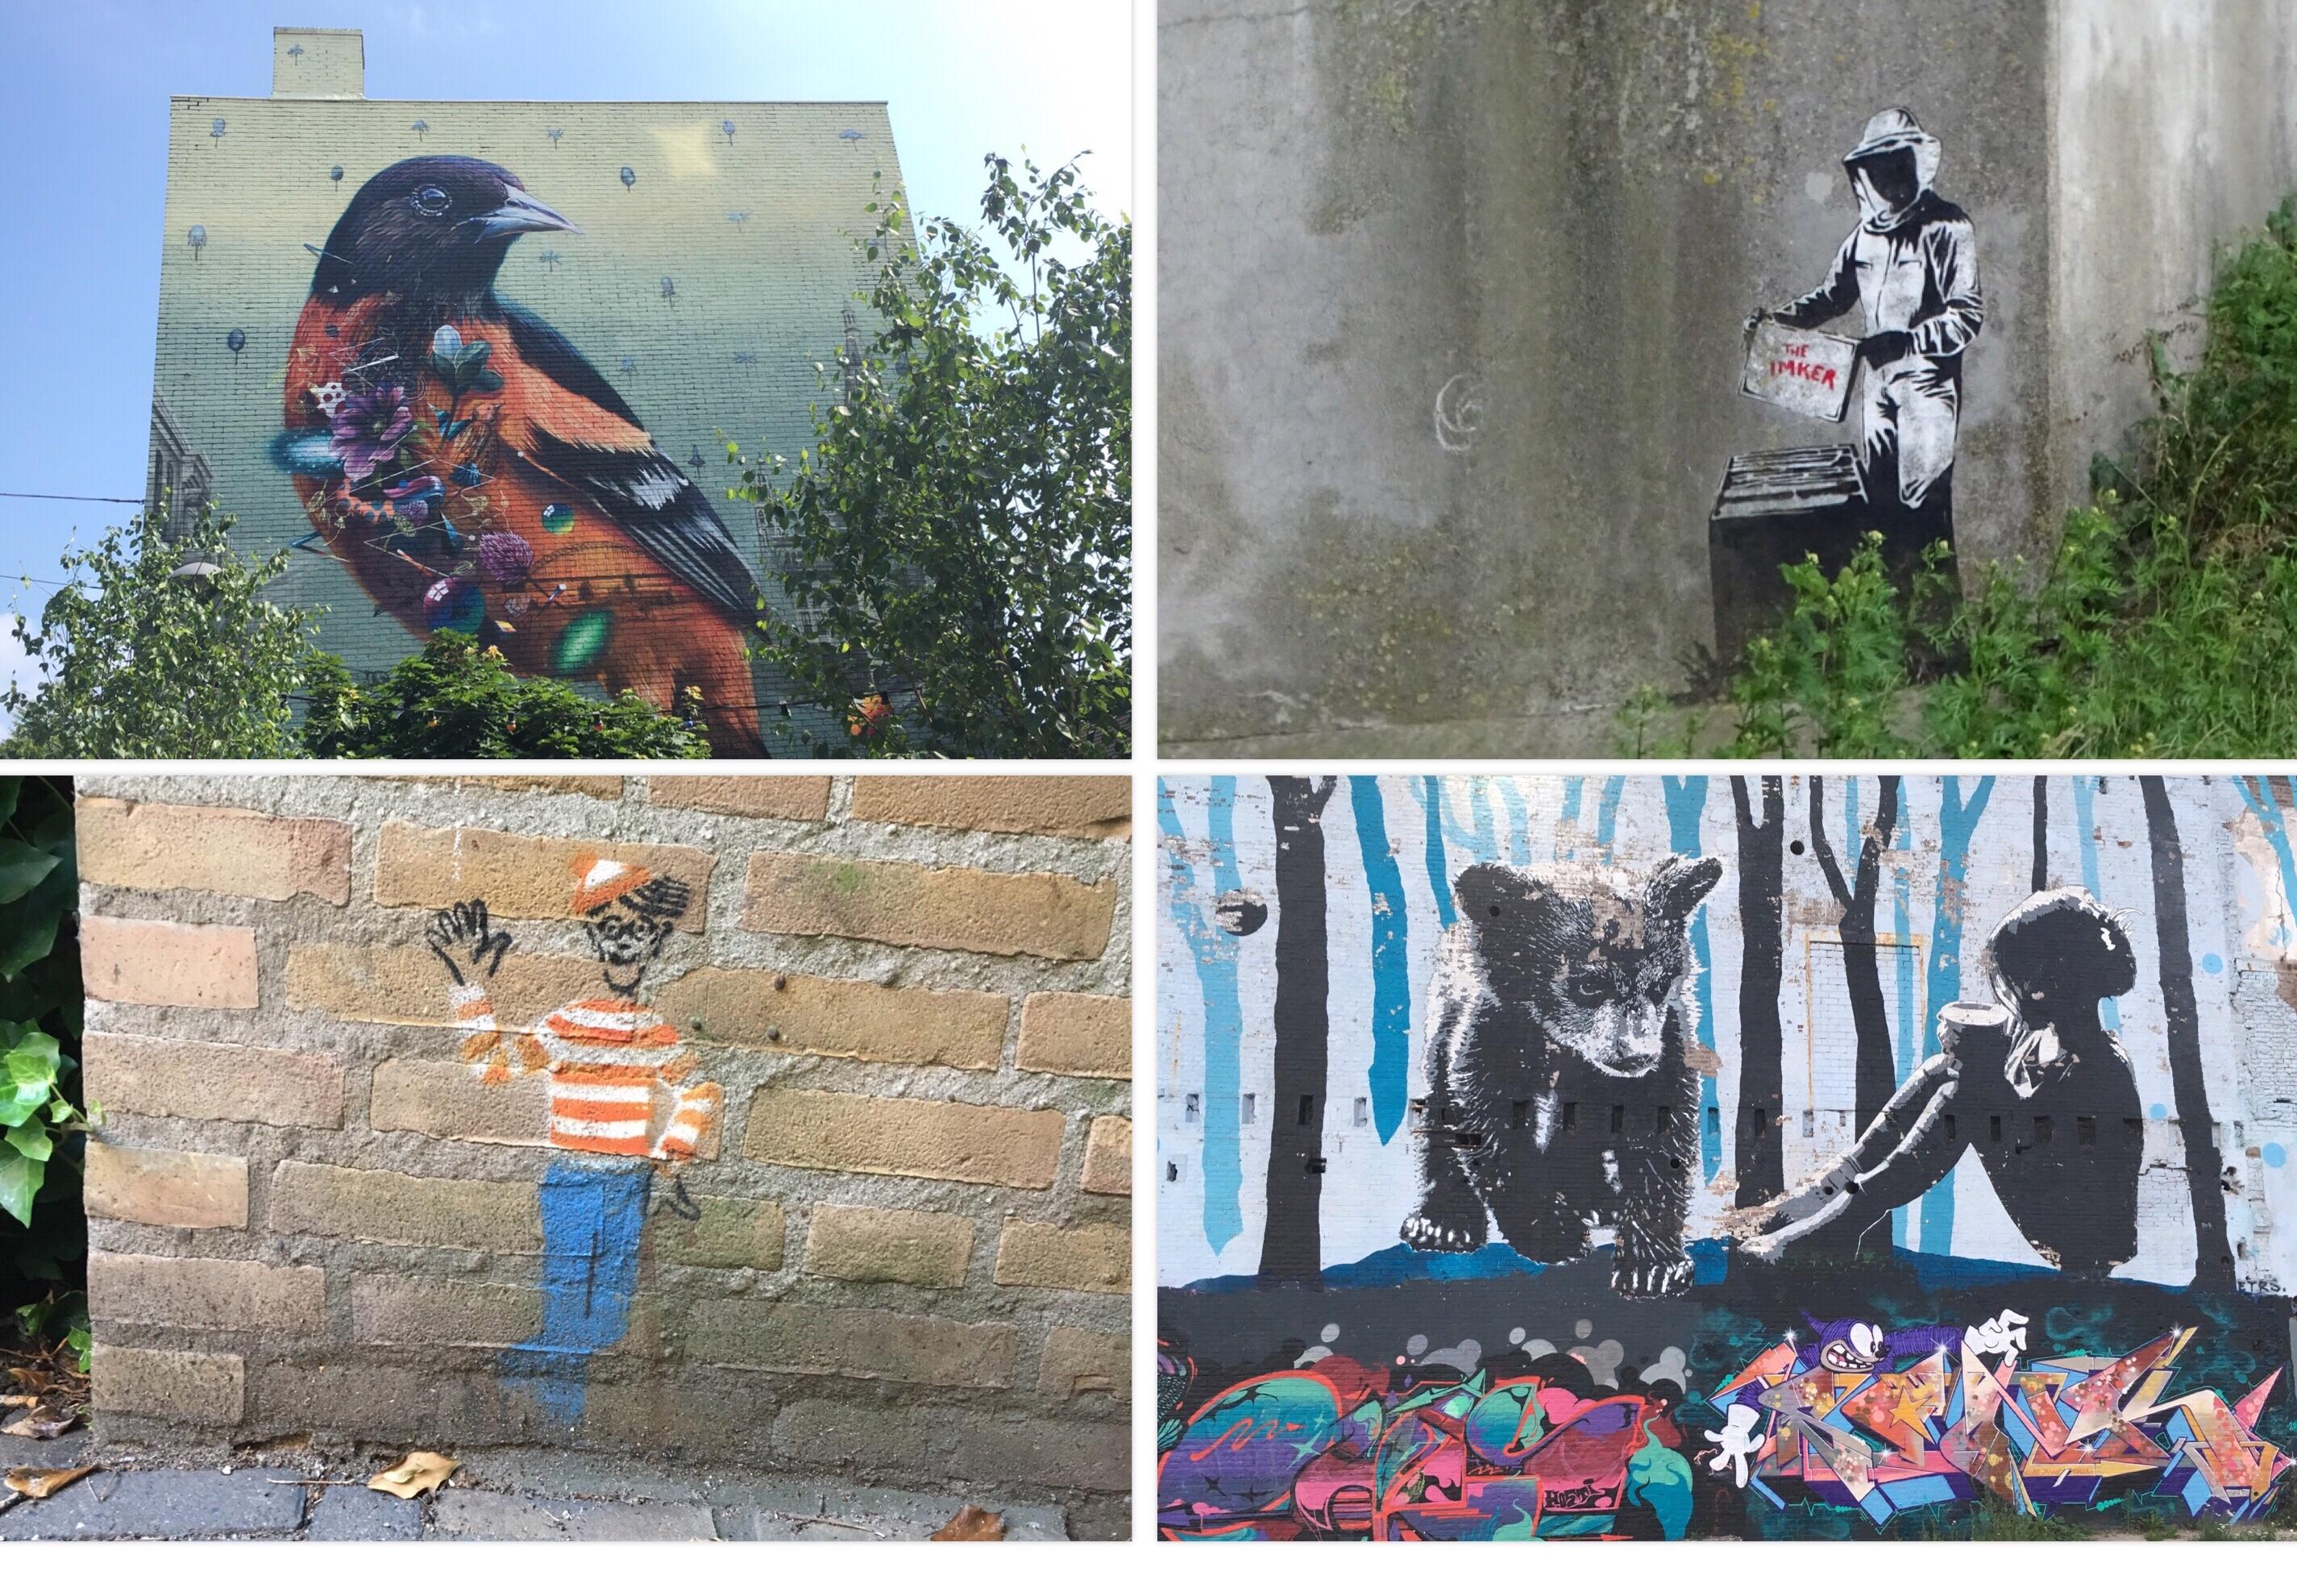 street art in nijmegen